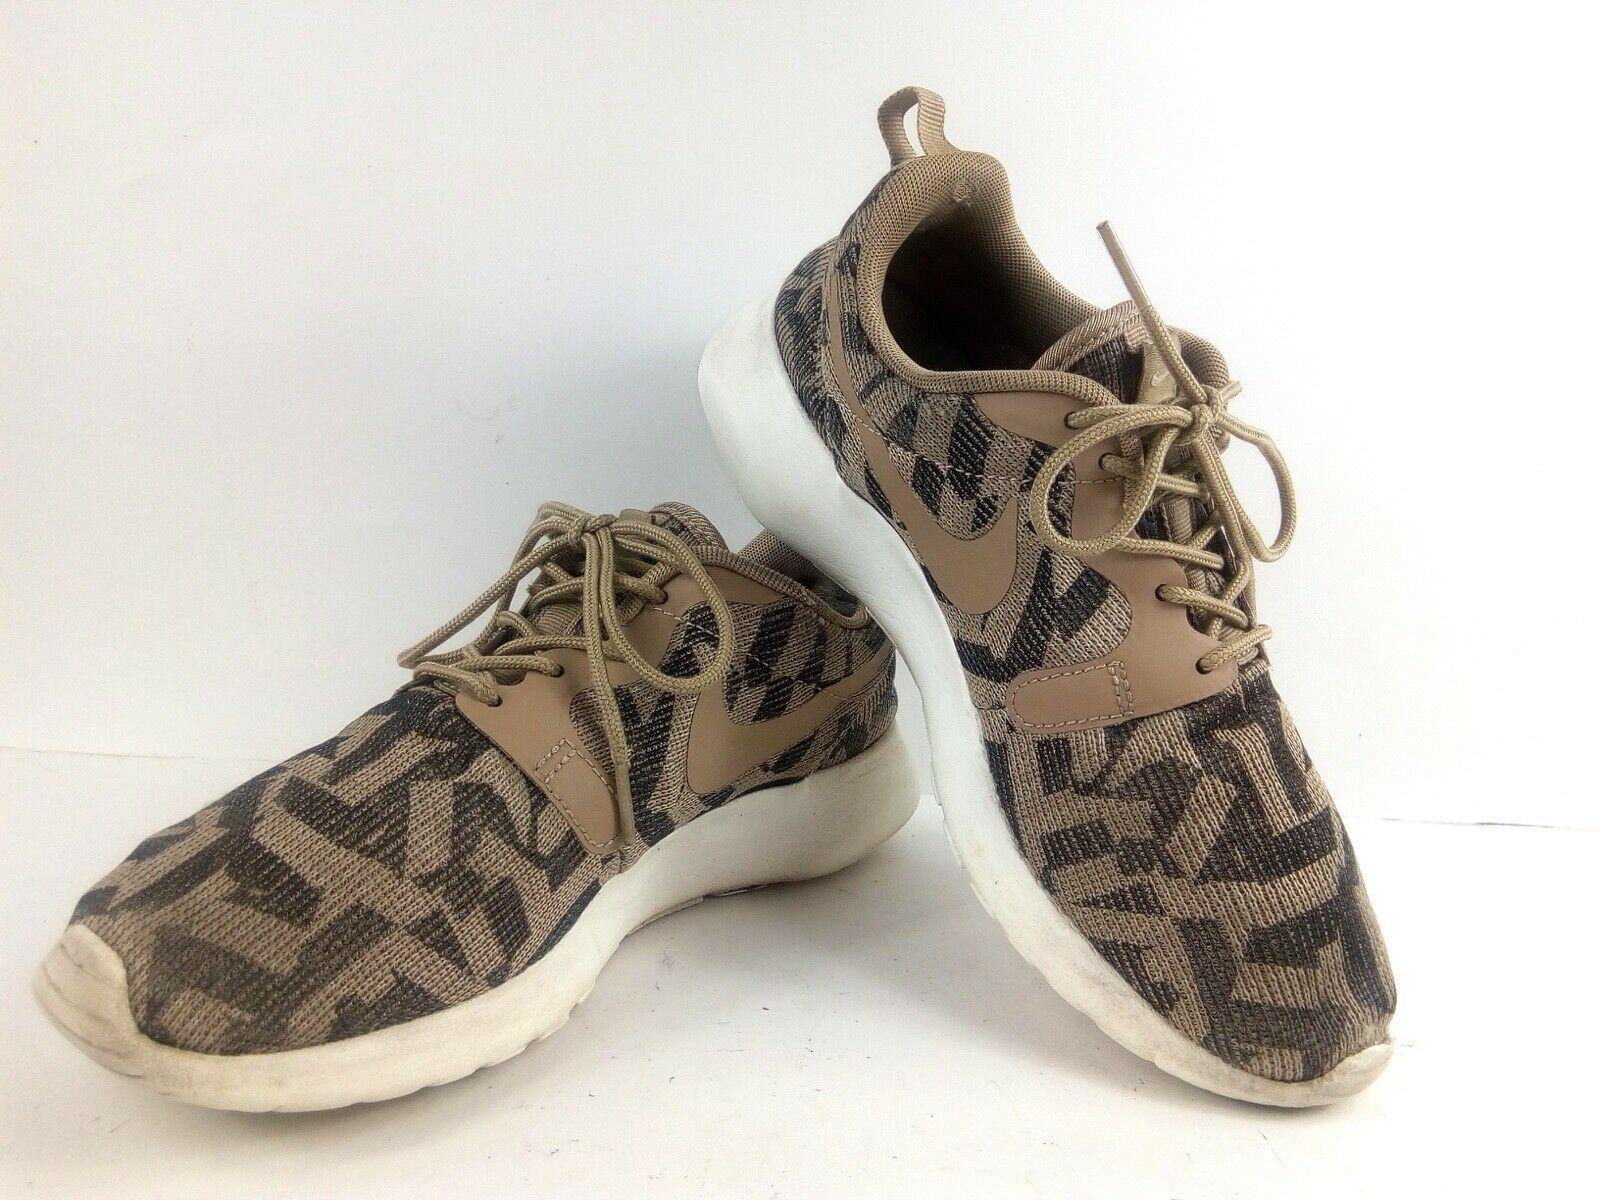 Nike Women's Sneakers 6.5 Roshe Run One Jacquard Beige Desert Camo 705217 200